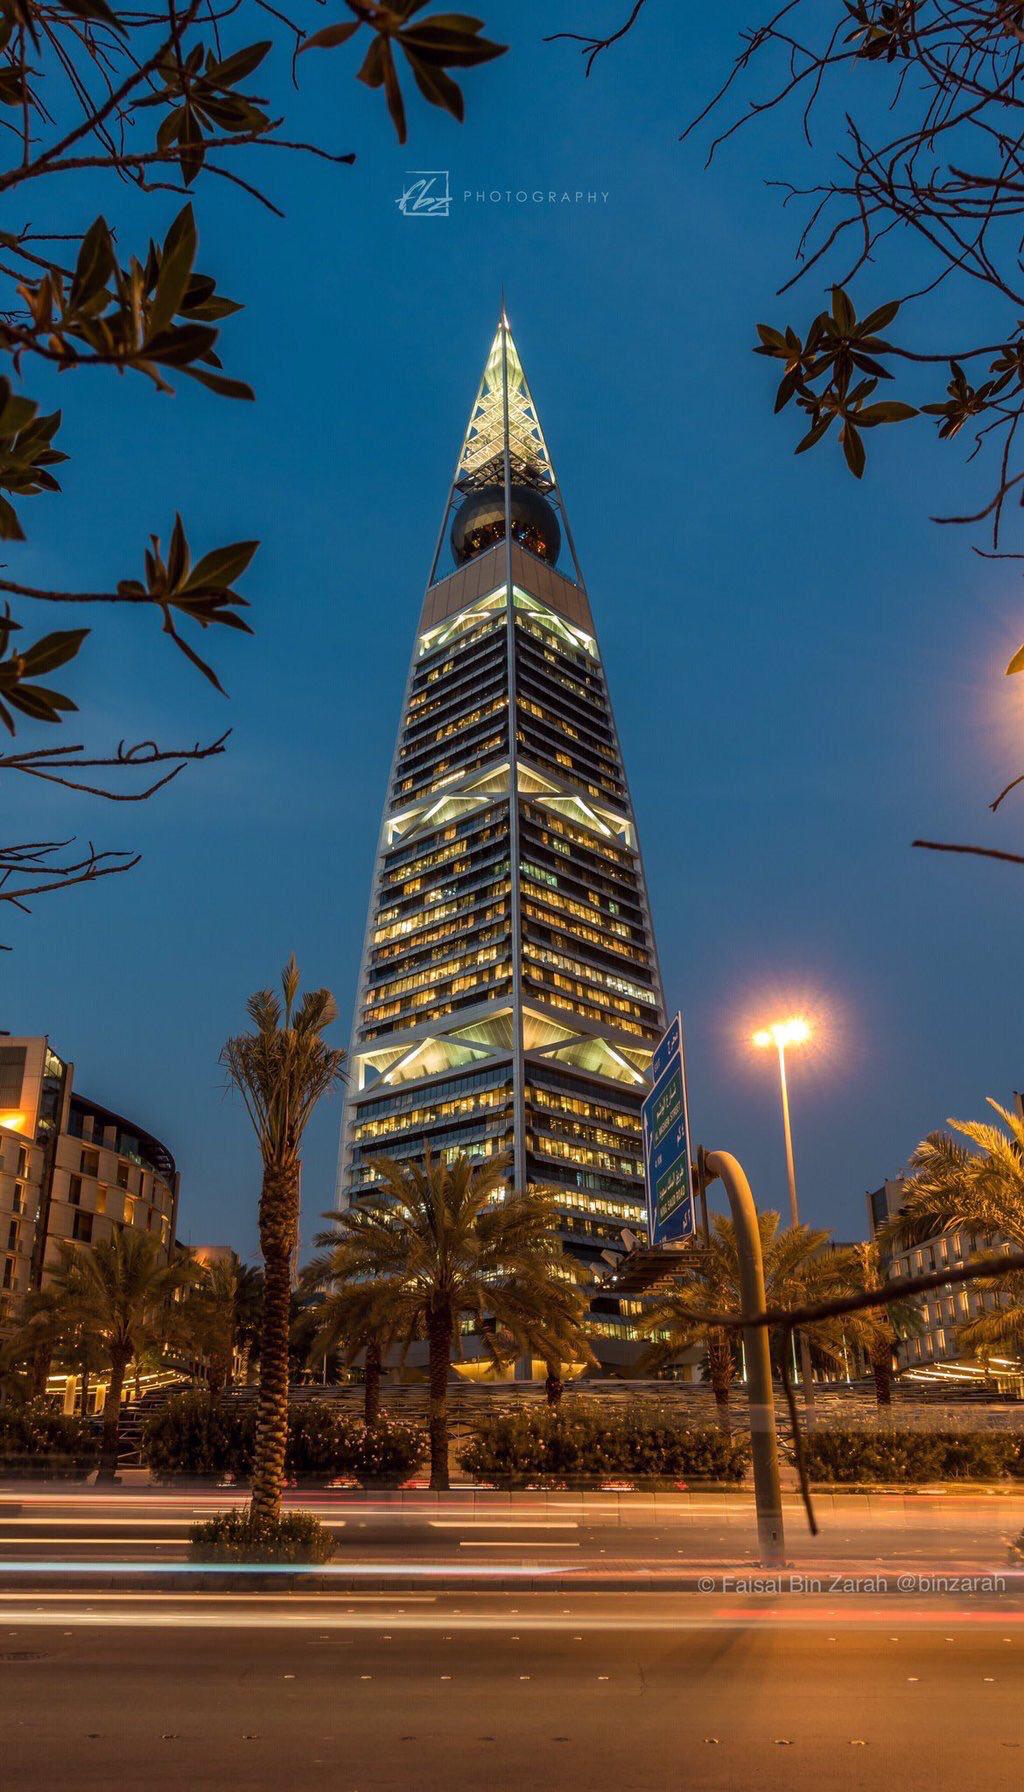 دائم جمال صوره ت ظ ه ر الرياض أجمل المبدع Binzarah Travel Saudi Arabia Building Elevation